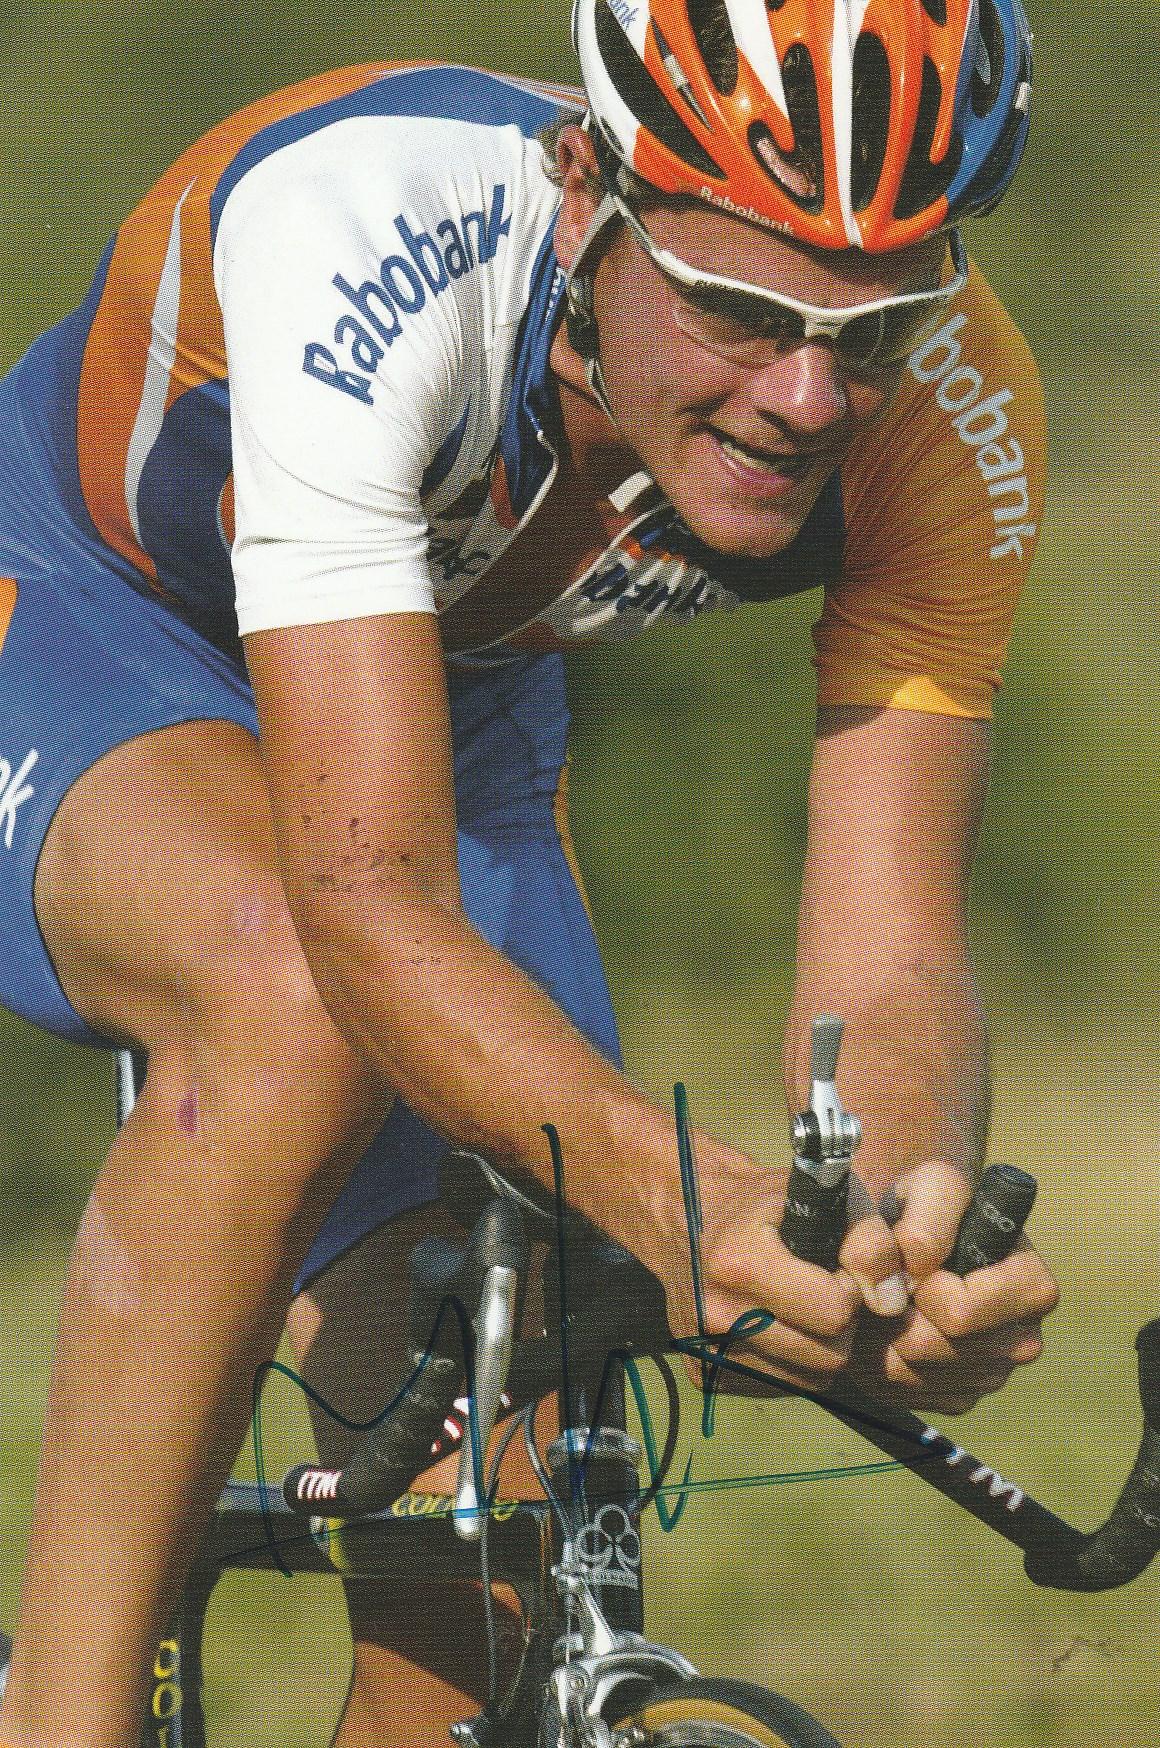 Marc Lotz rode the Tour de France five times  (Photograph courtesy of autographe1.e-monsite.com)